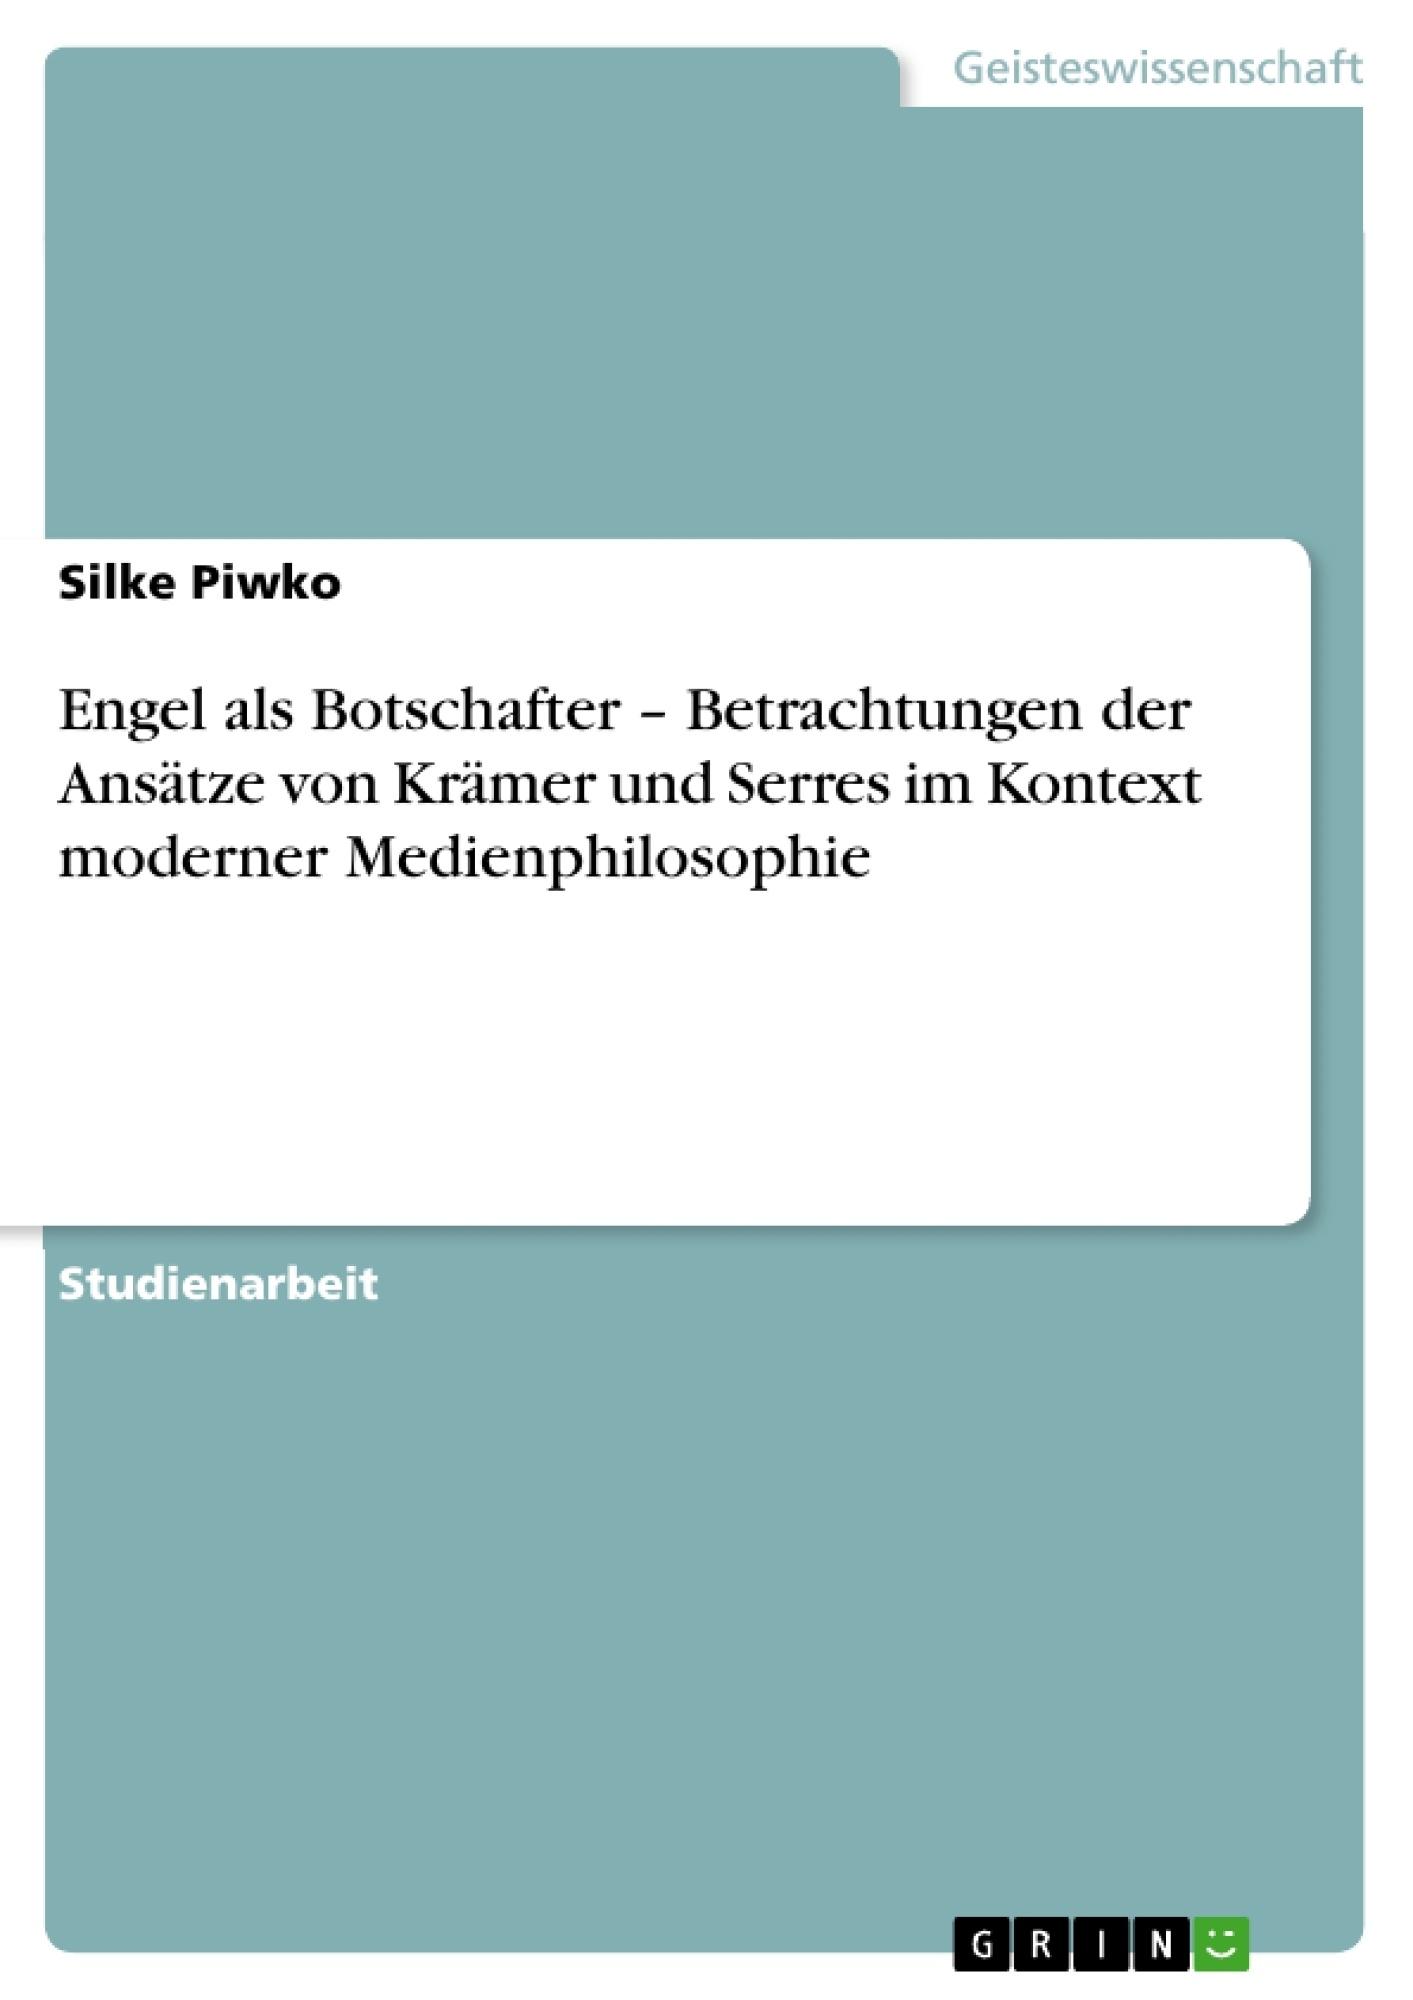 Titel: Engel als Botschafter – Betrachtungen der Ansätze von Krämer und Serres im Kontext moderner Medienphilosophie